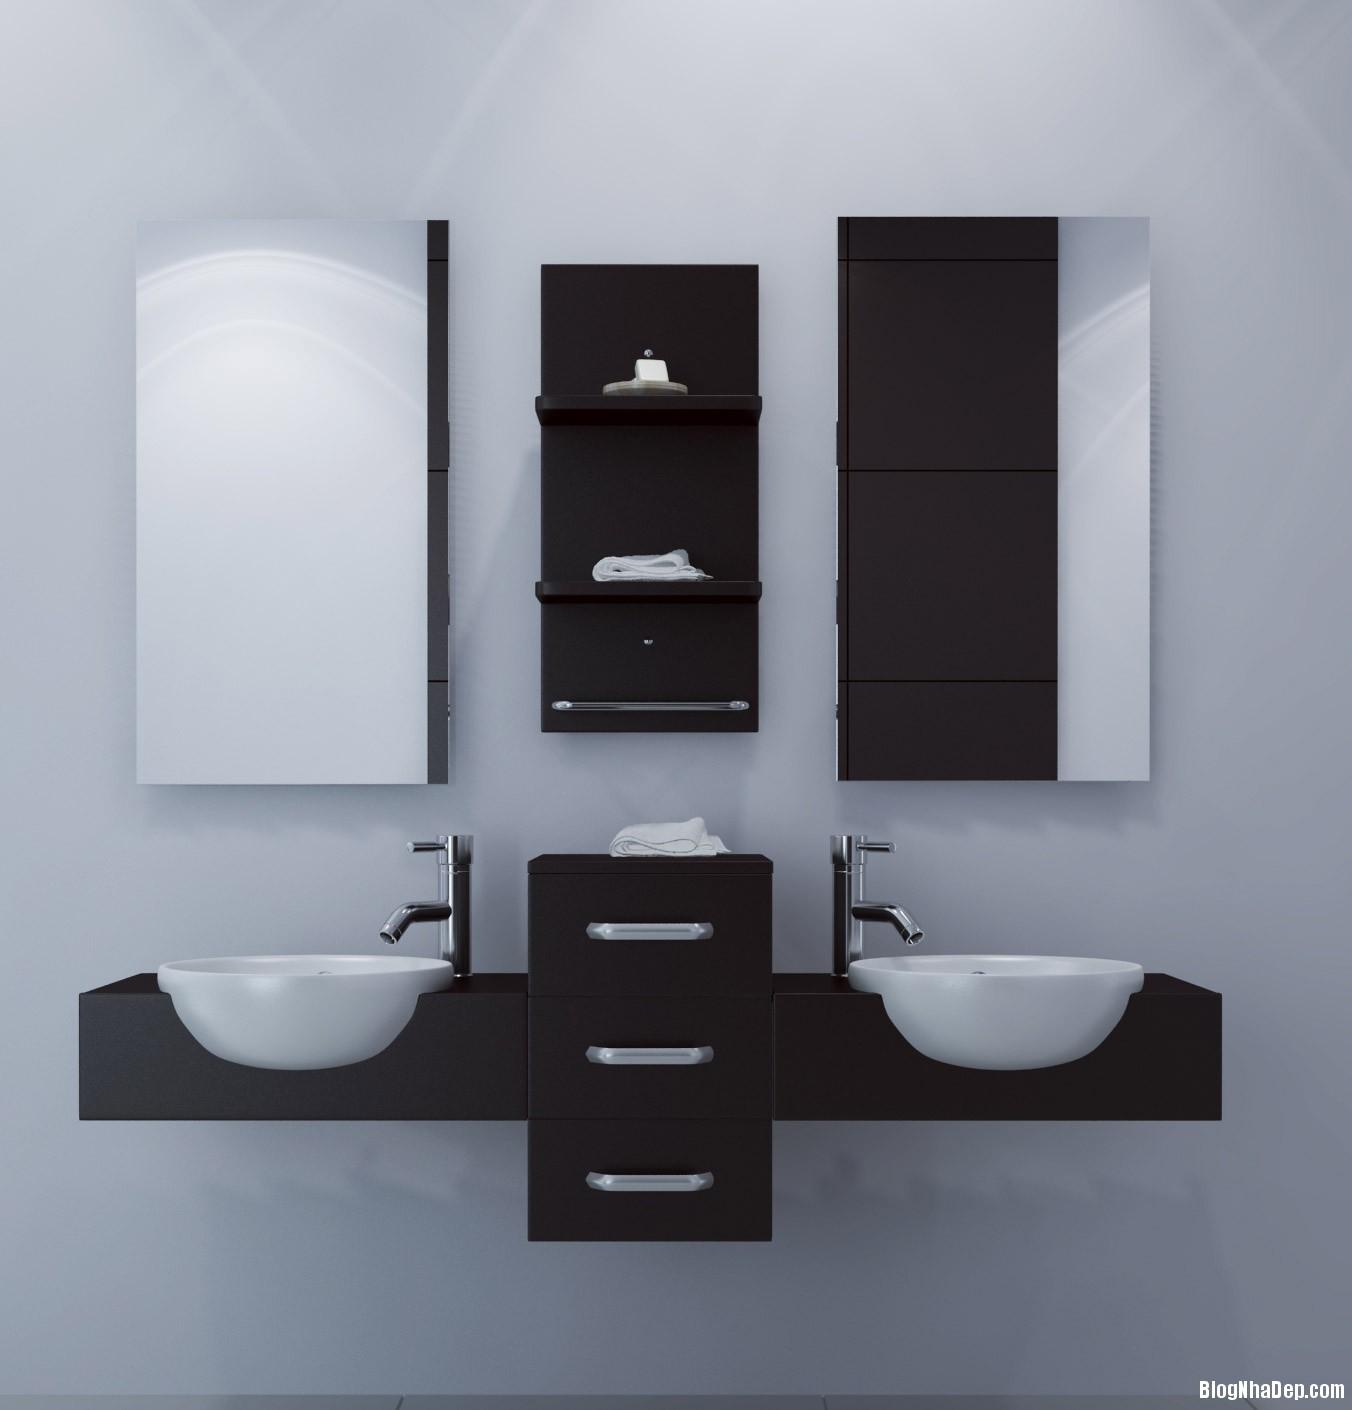 nhung y tuong goi y cho phong tam hien dai 2f10941fc3 Những ý tưởng tươi mới cho phòng tắm hiện đại